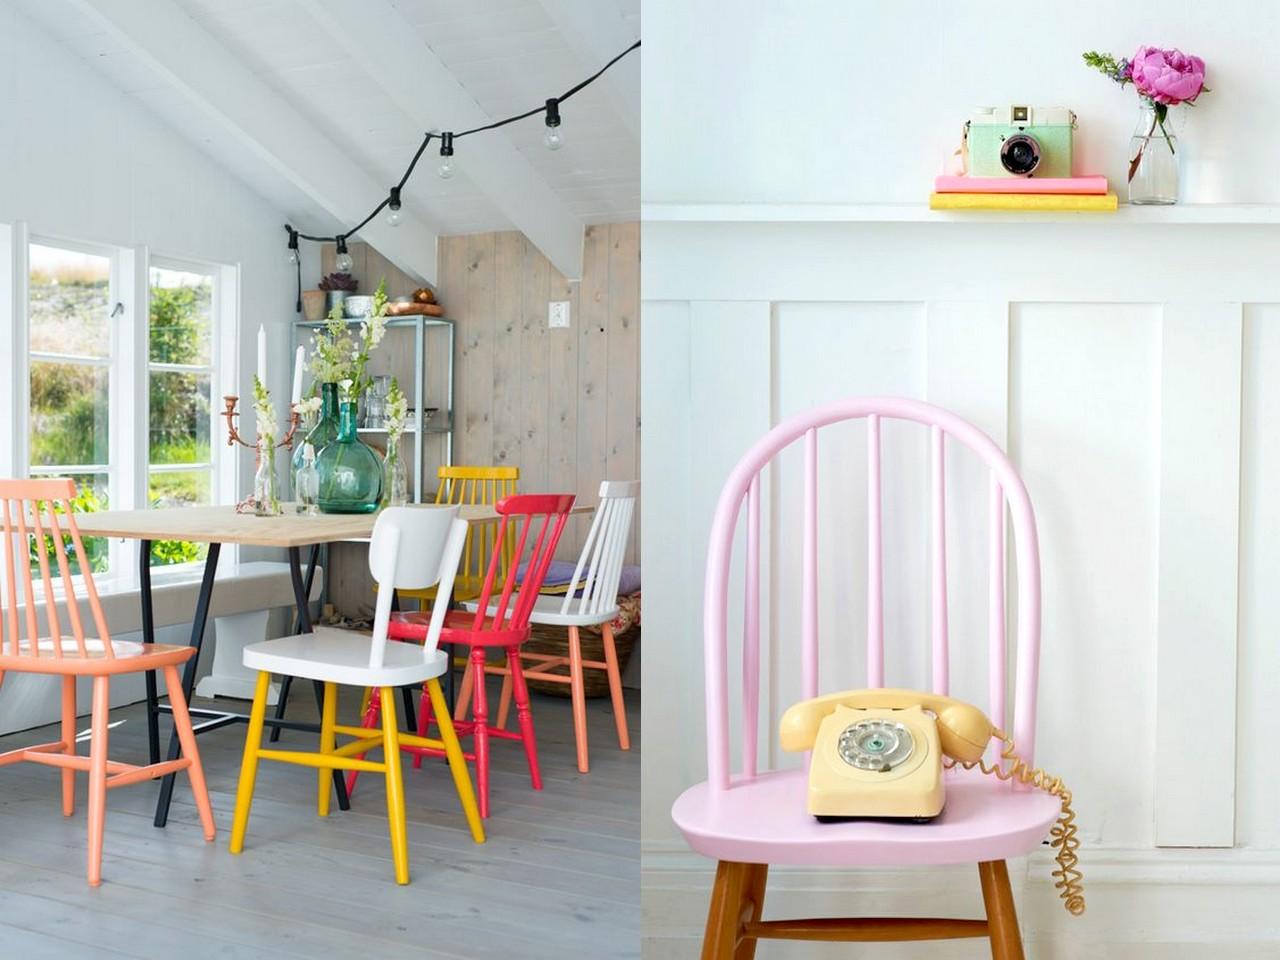 7 ideas para decorar con poco dinero el sal n de tu casa for Como decorar una mesa de madera vieja